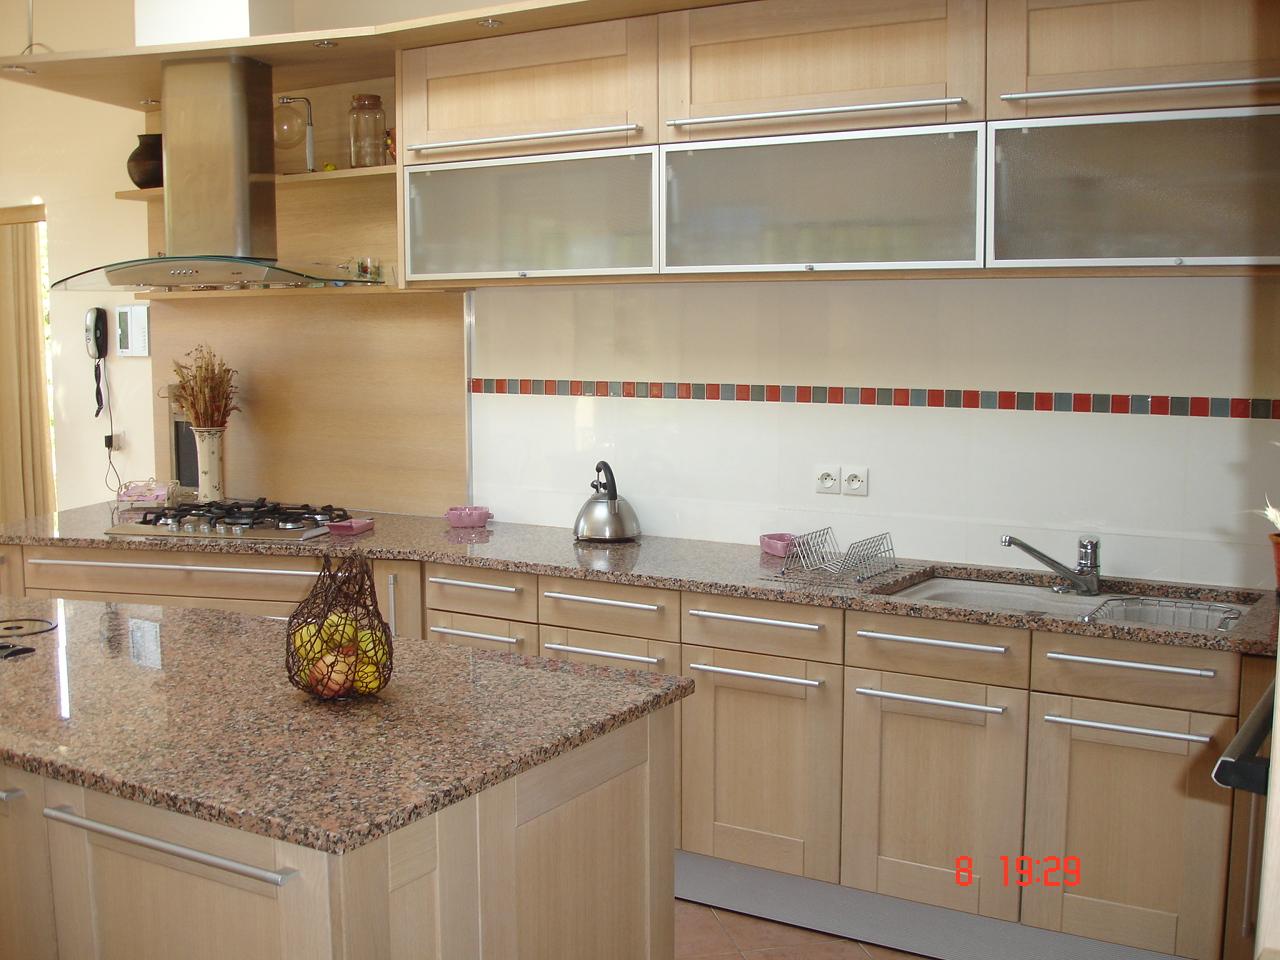 Meuble haut cuisine chene clair veranda - Meuble shaker ...